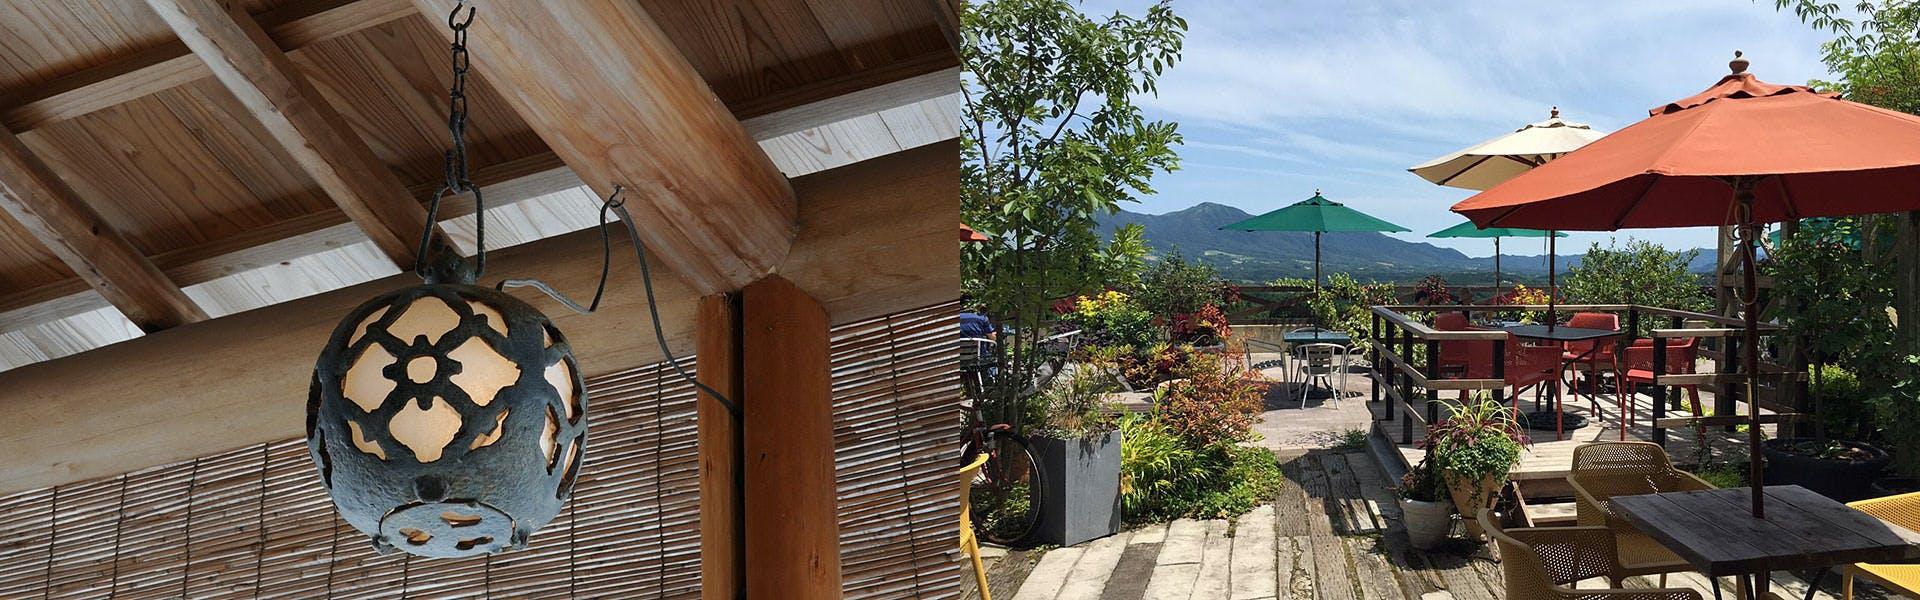 飾り/ガーデン